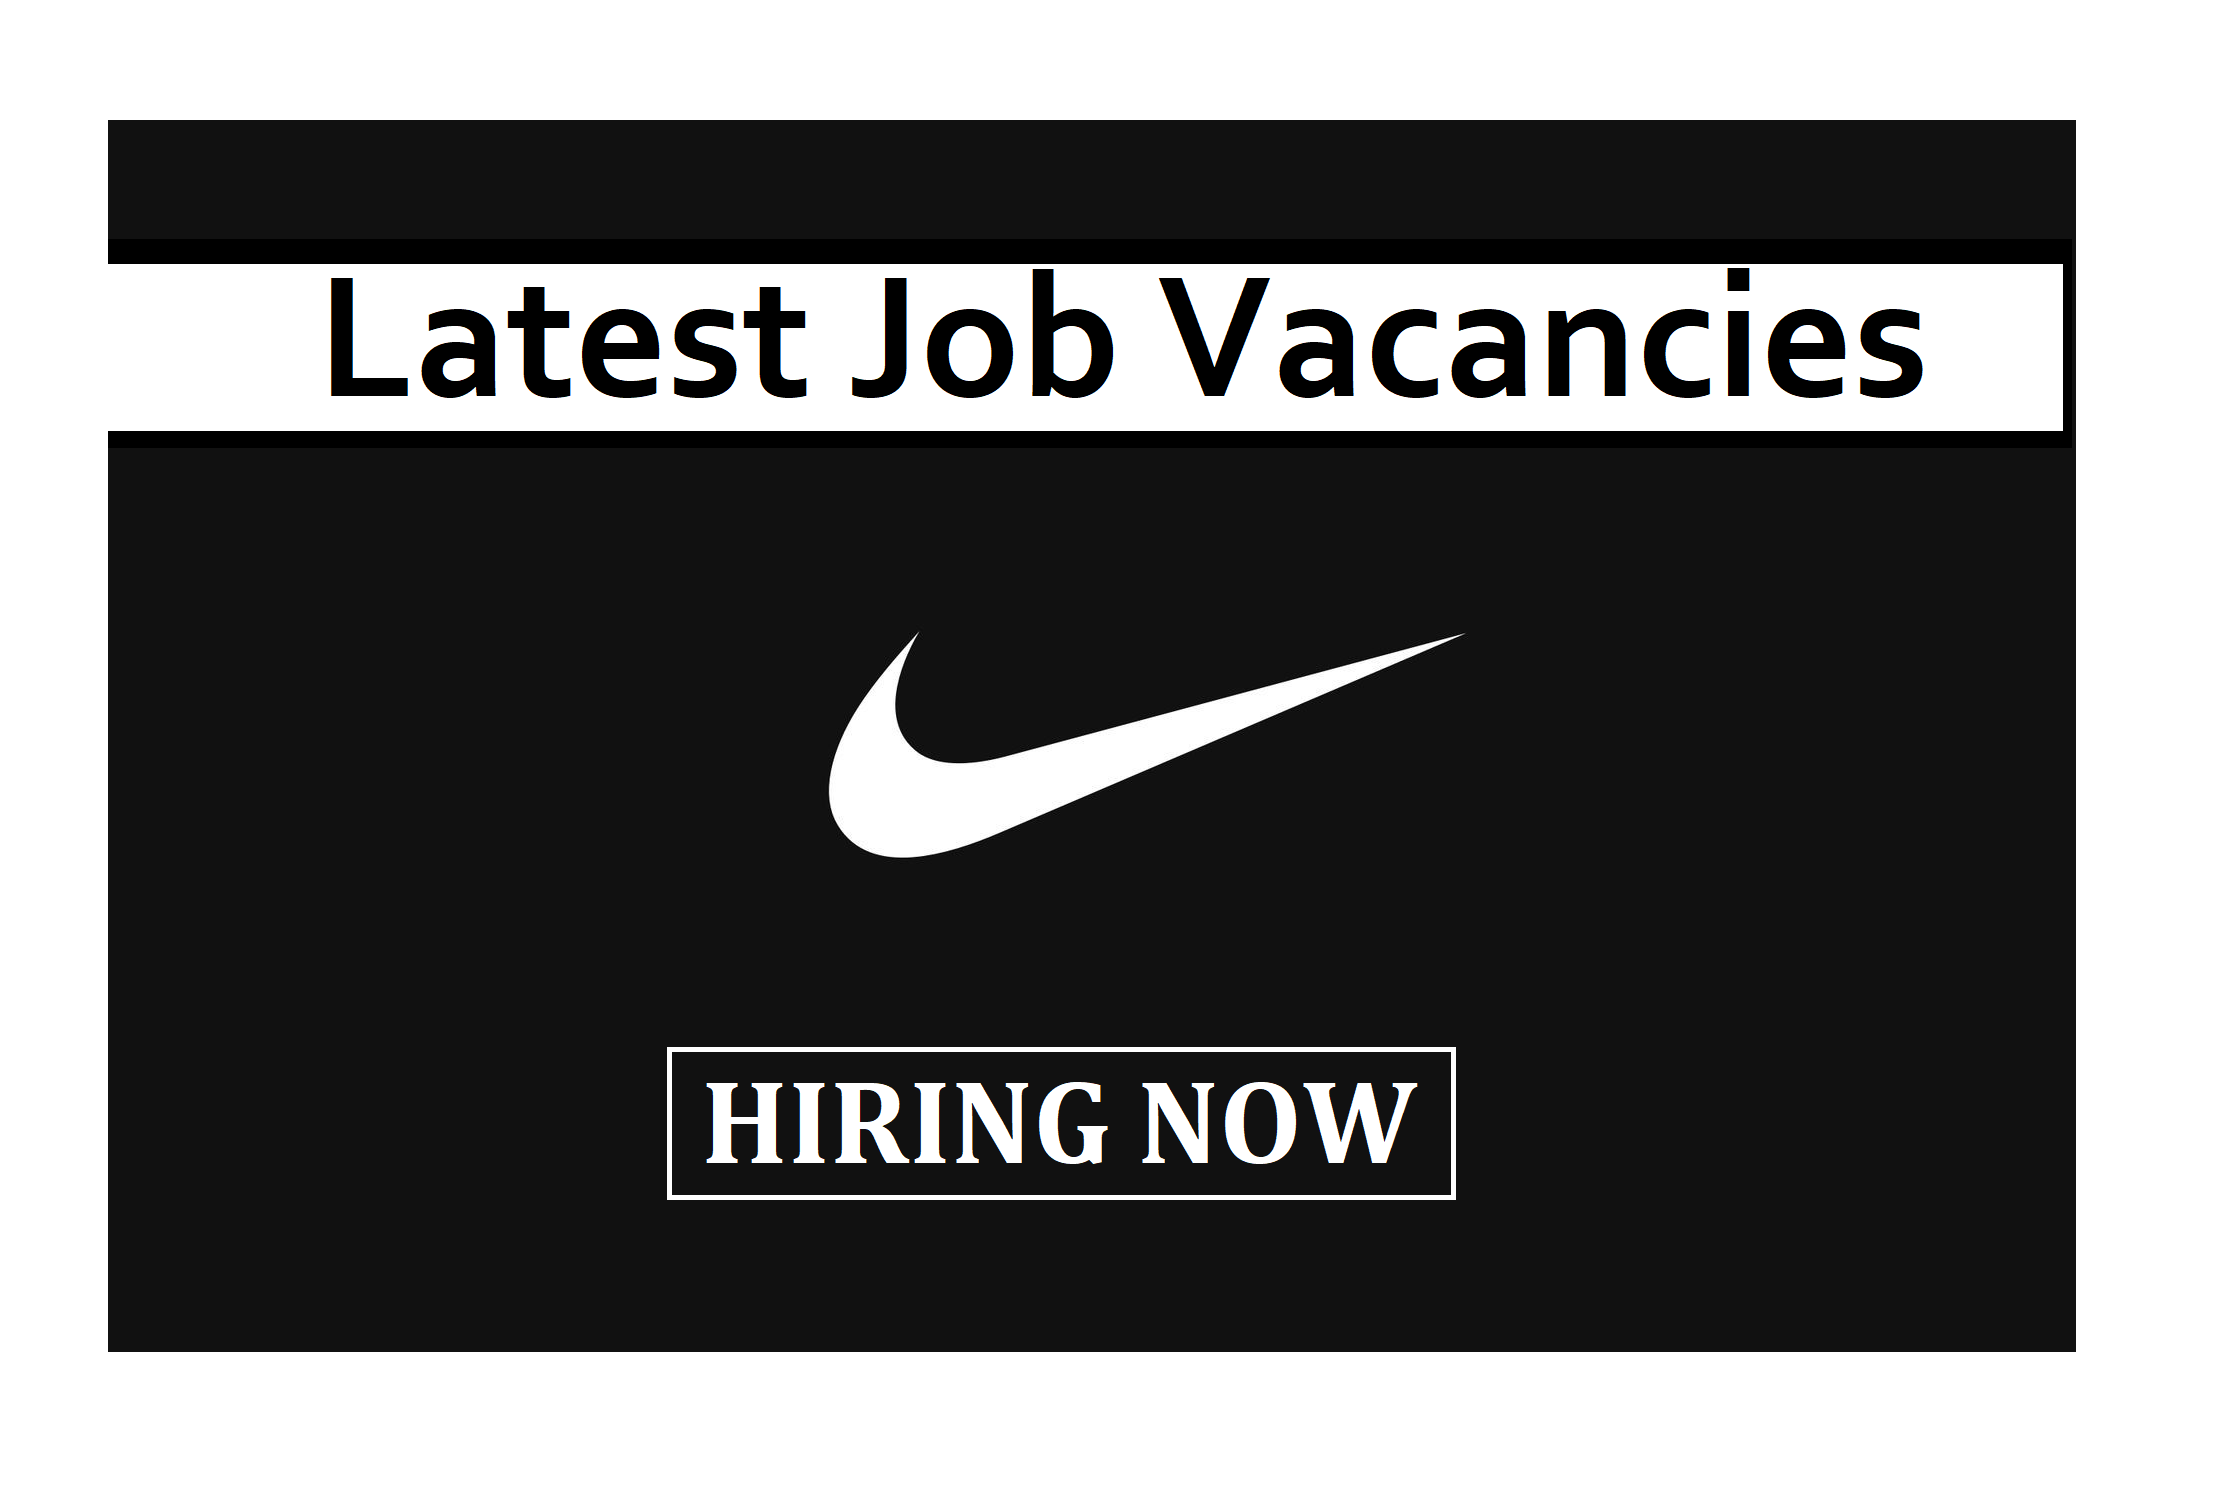 lago identificación Aire acondicionado  Latest job vacancies at Nike in 2020   Job, Nike, Hiring now